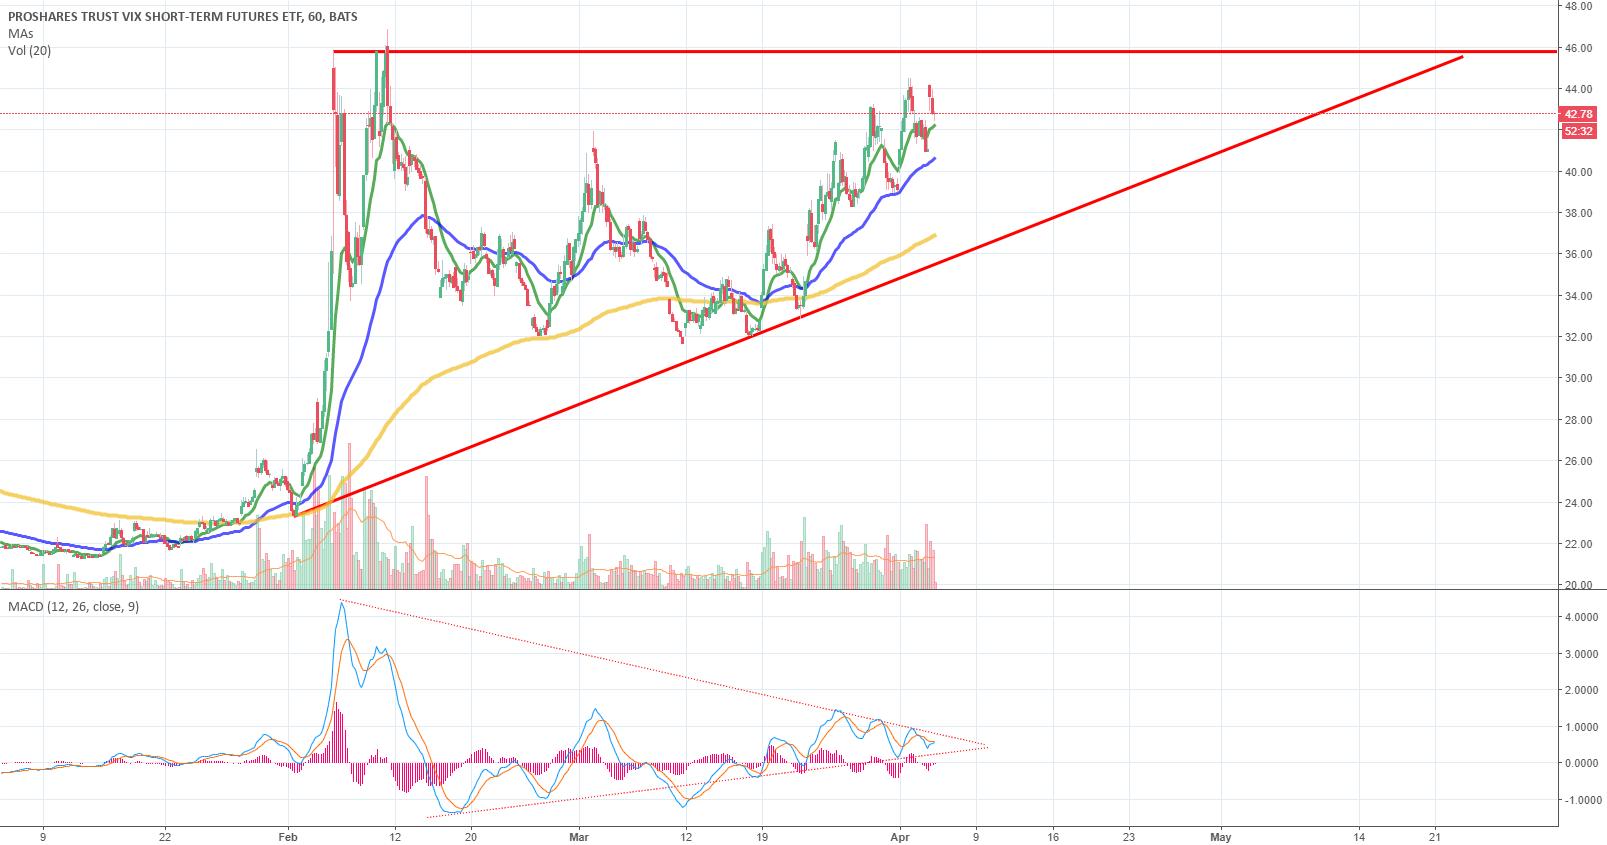 VIXY Volatility VIX Breakout or breakdown soon